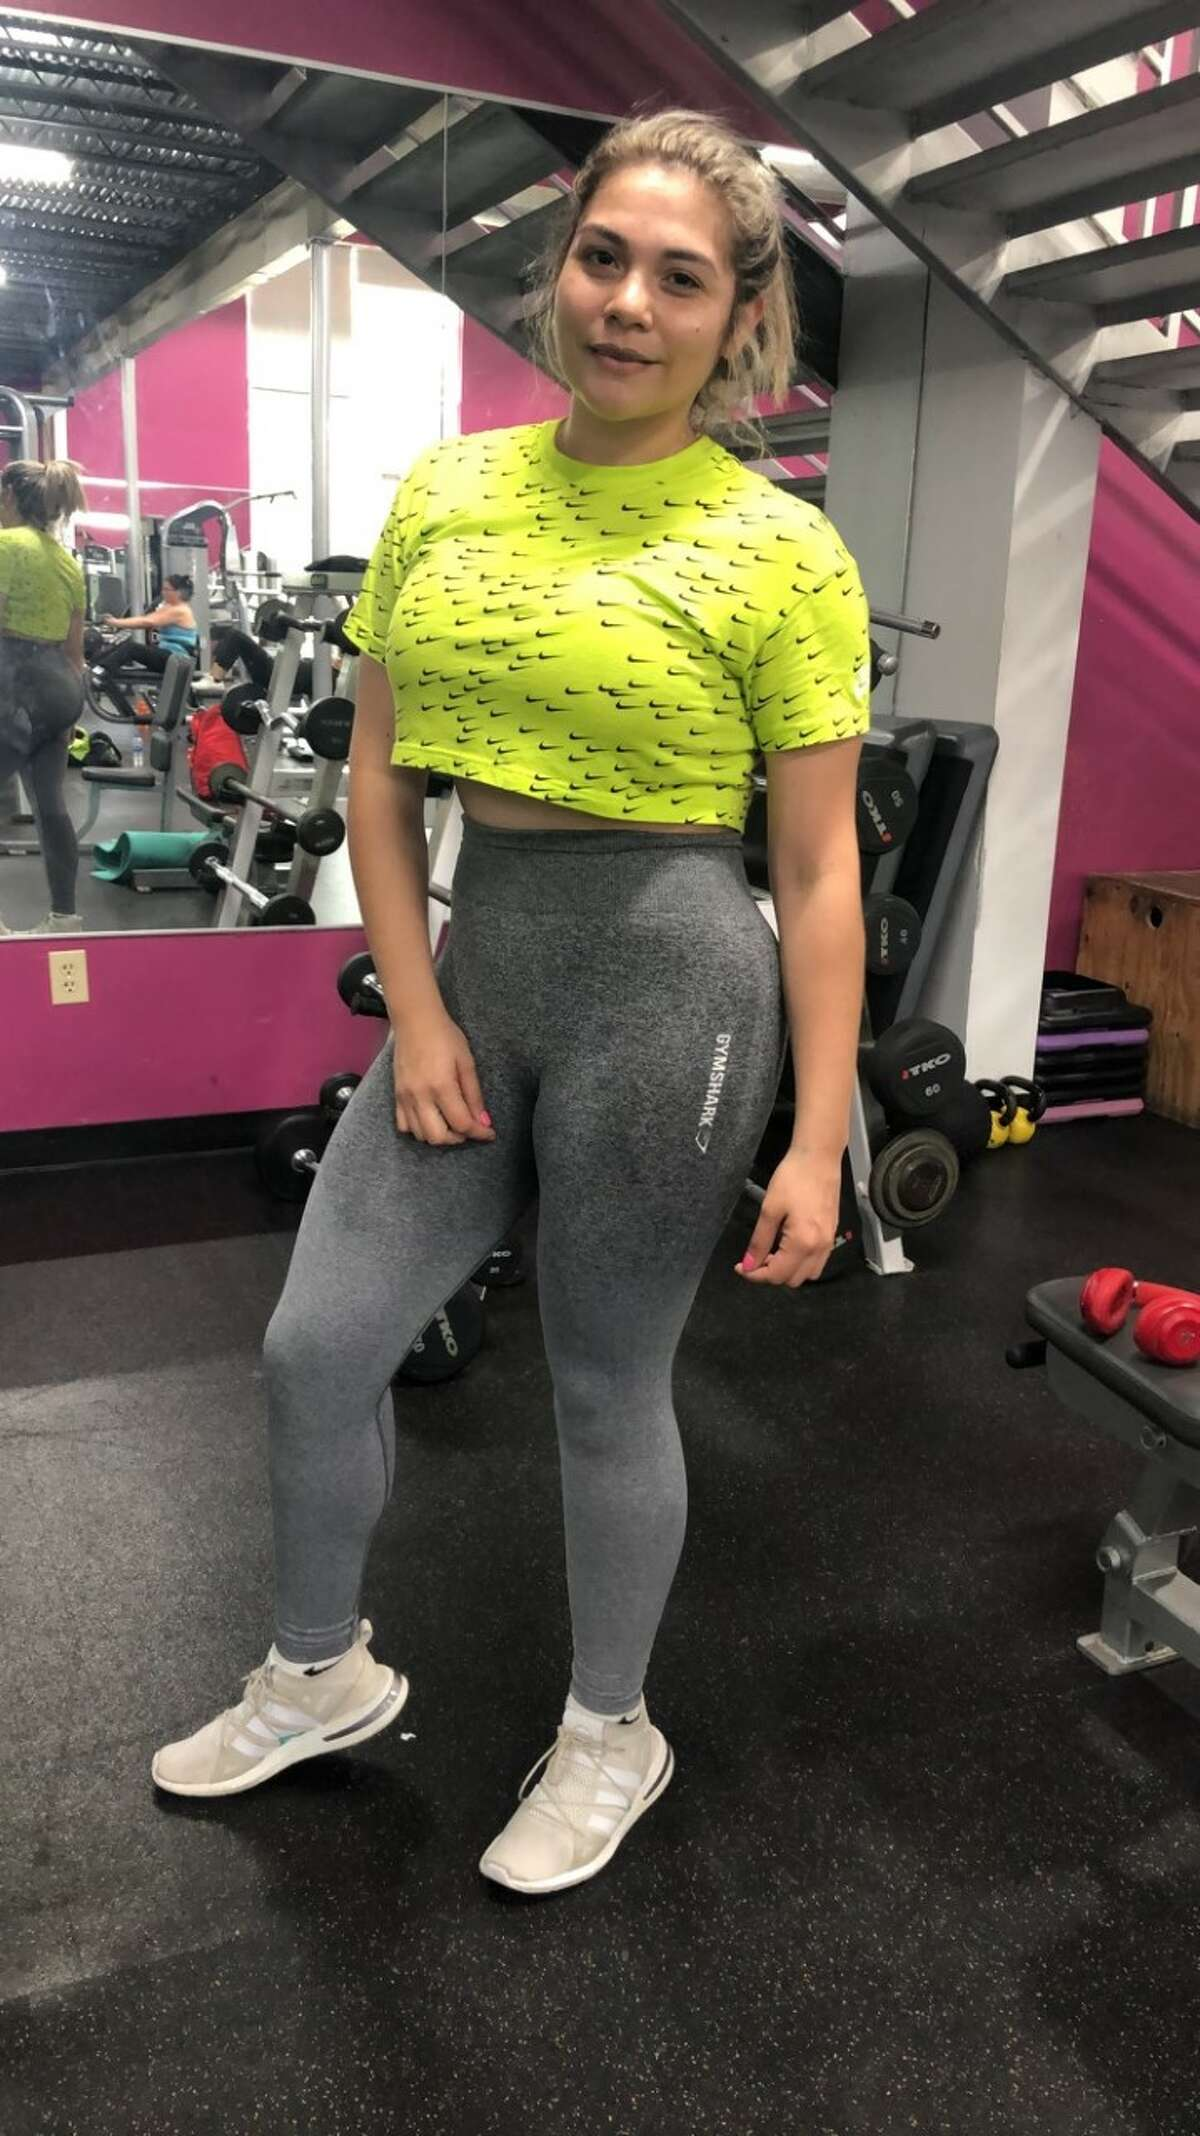 Ana Karen at Rock FitnessApril 16, 2019